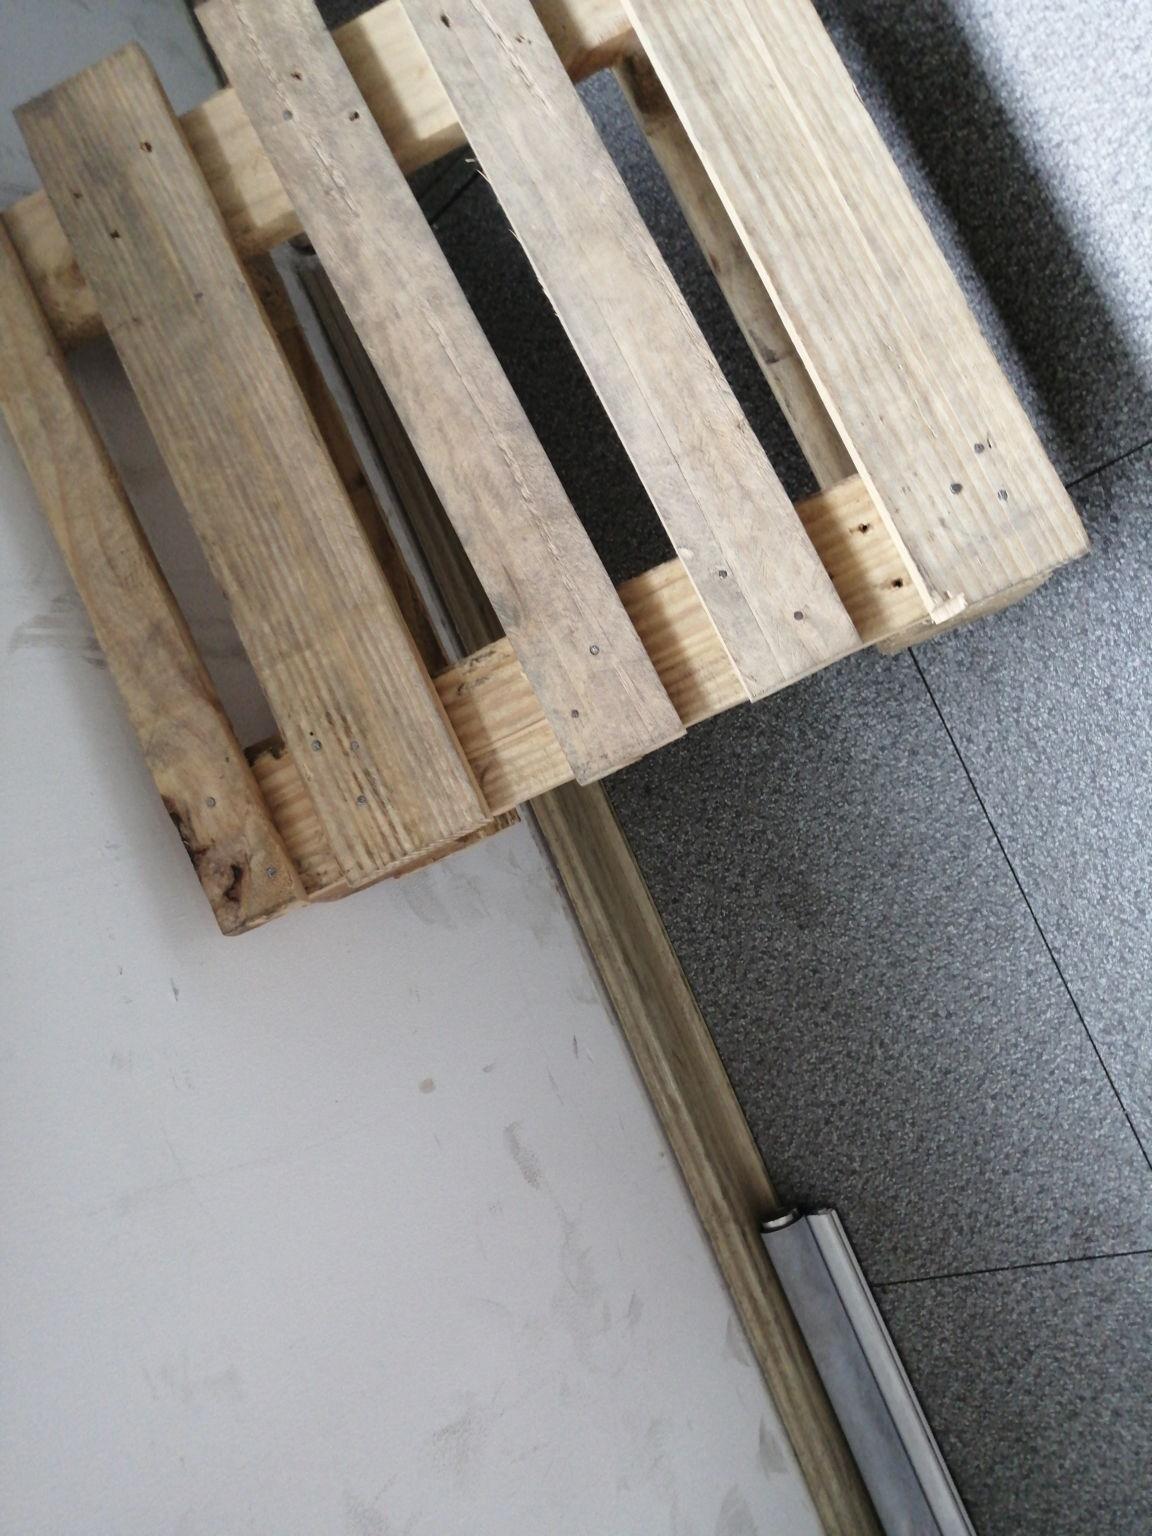 杭州??,㎡ ~手木托盘尺寸14x14x30,✁㊒✞ヮ看你具体是要做